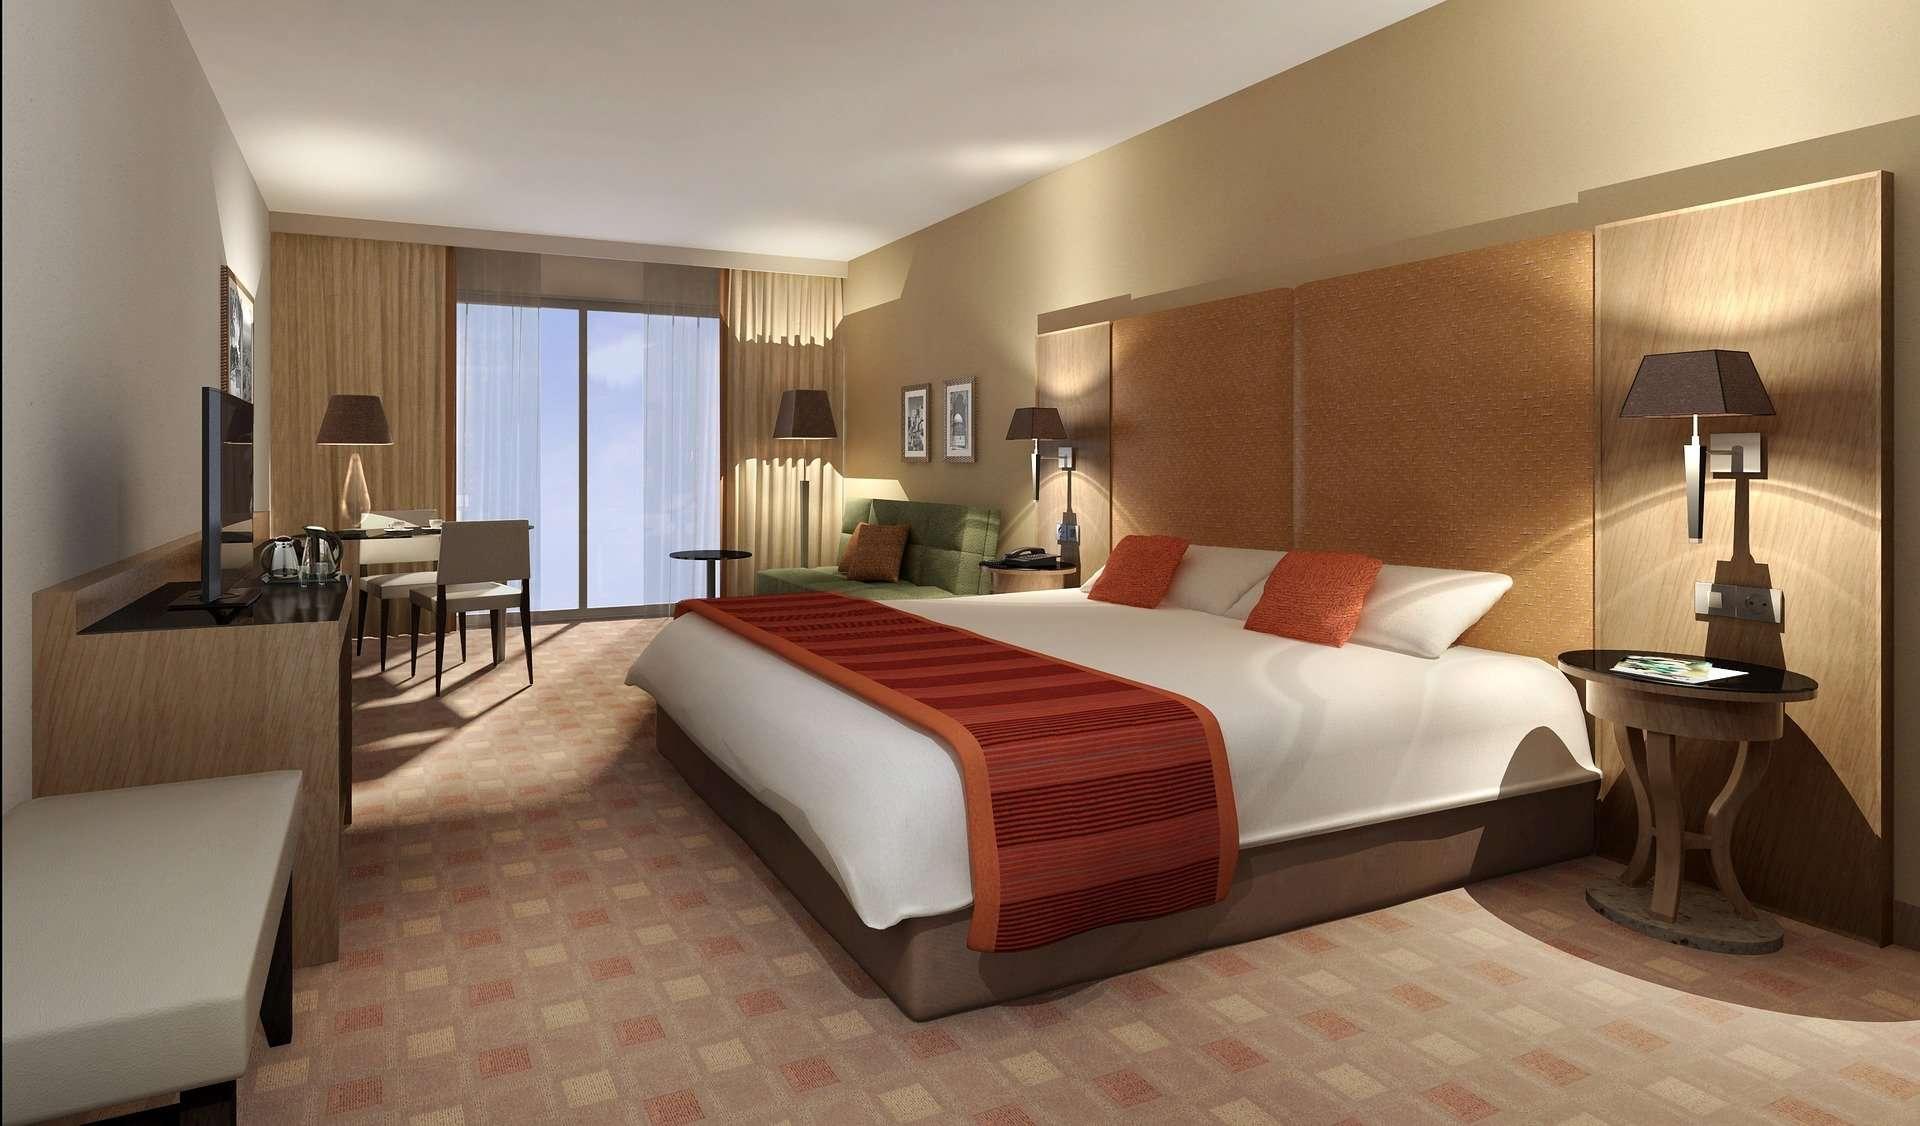 Smart Staycation dengan CleanAccommodation